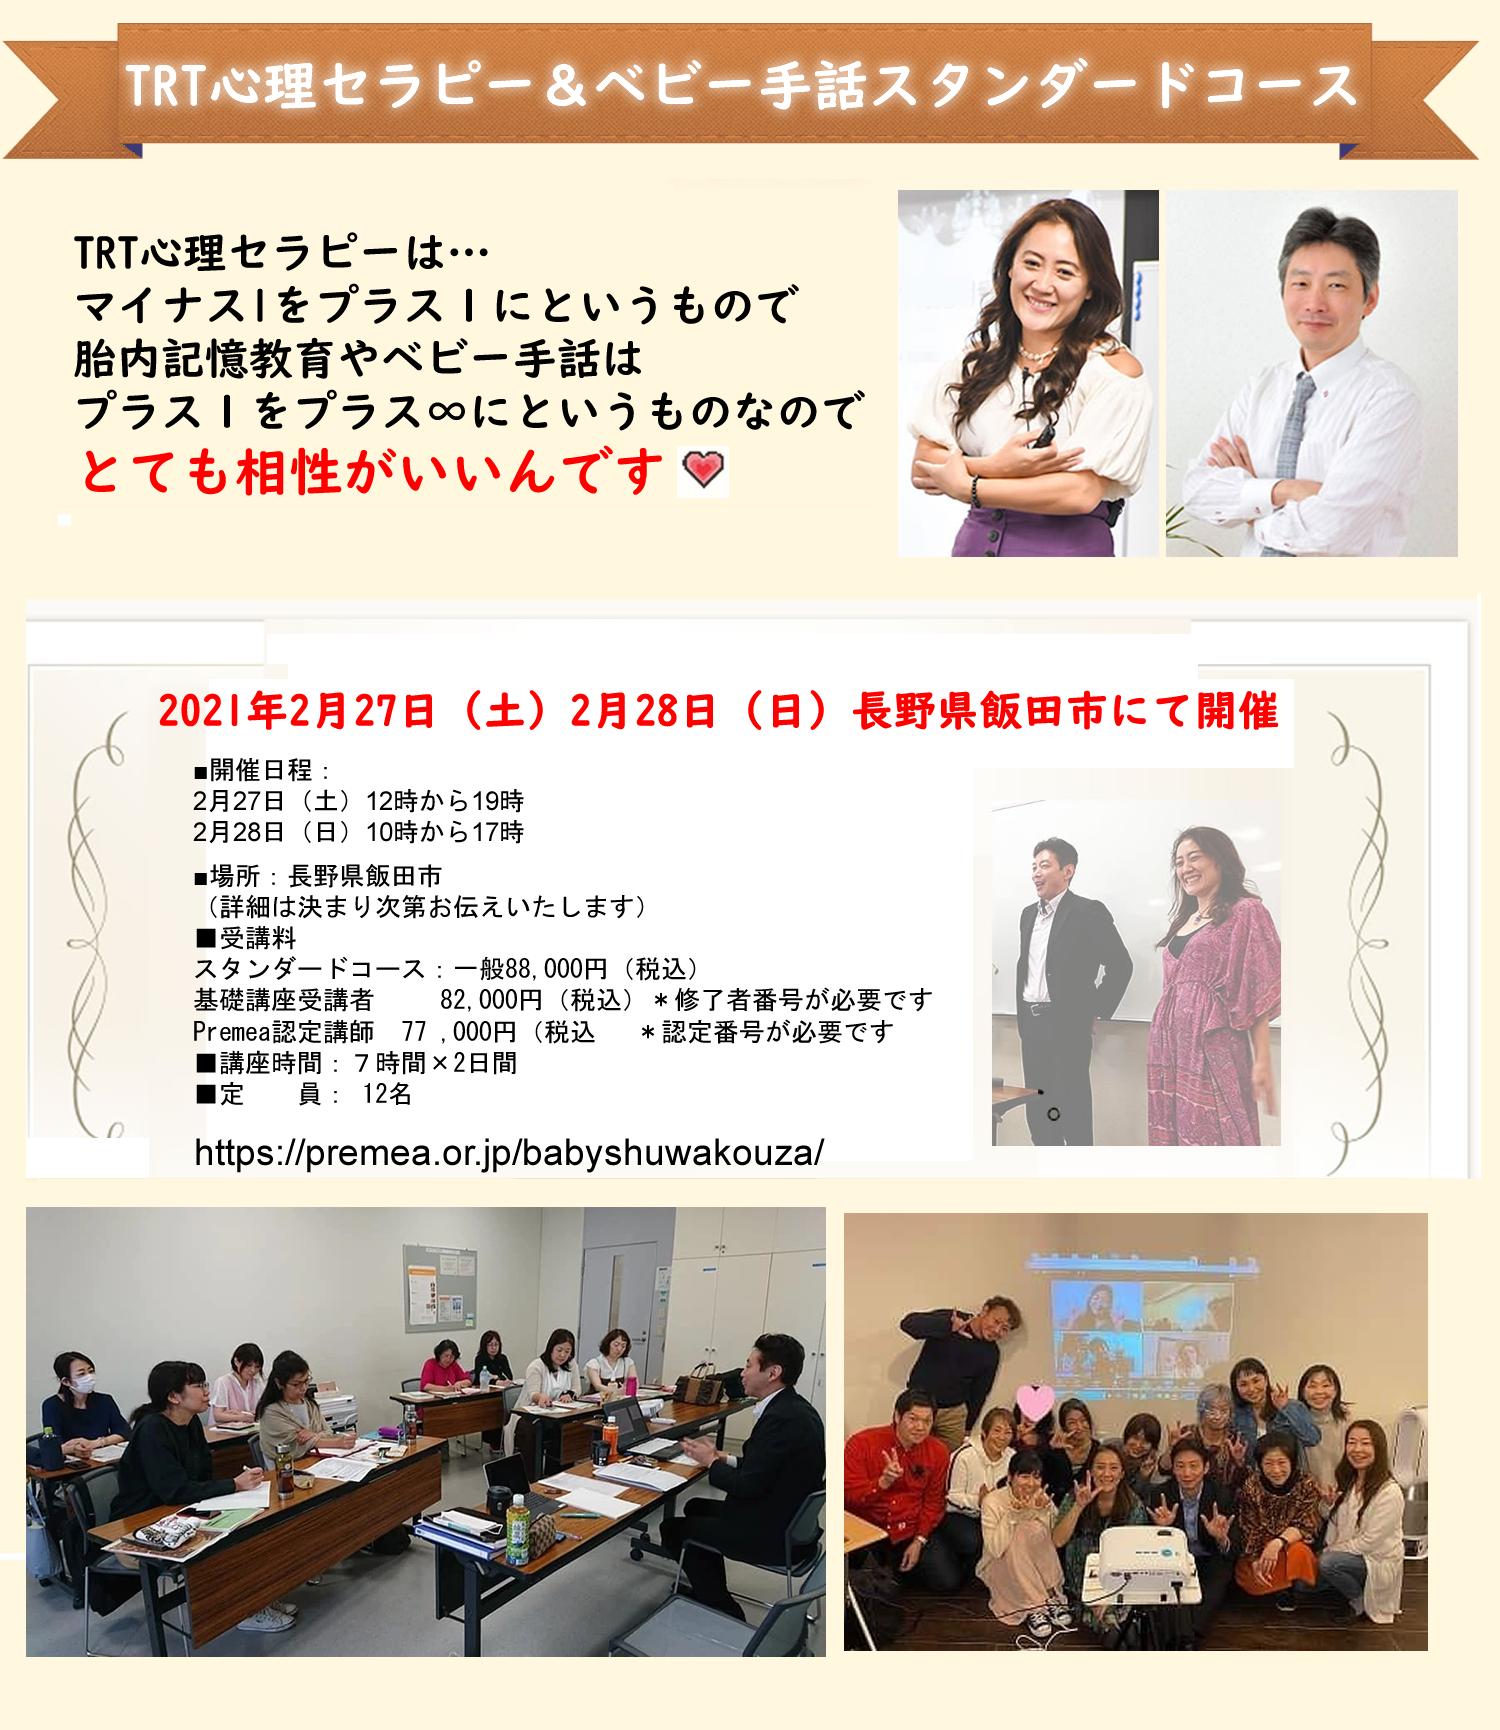 2021年2月27日(土)2月28日(日)長野県飯田市にて開催TRT心理セラピー&ベビー手話